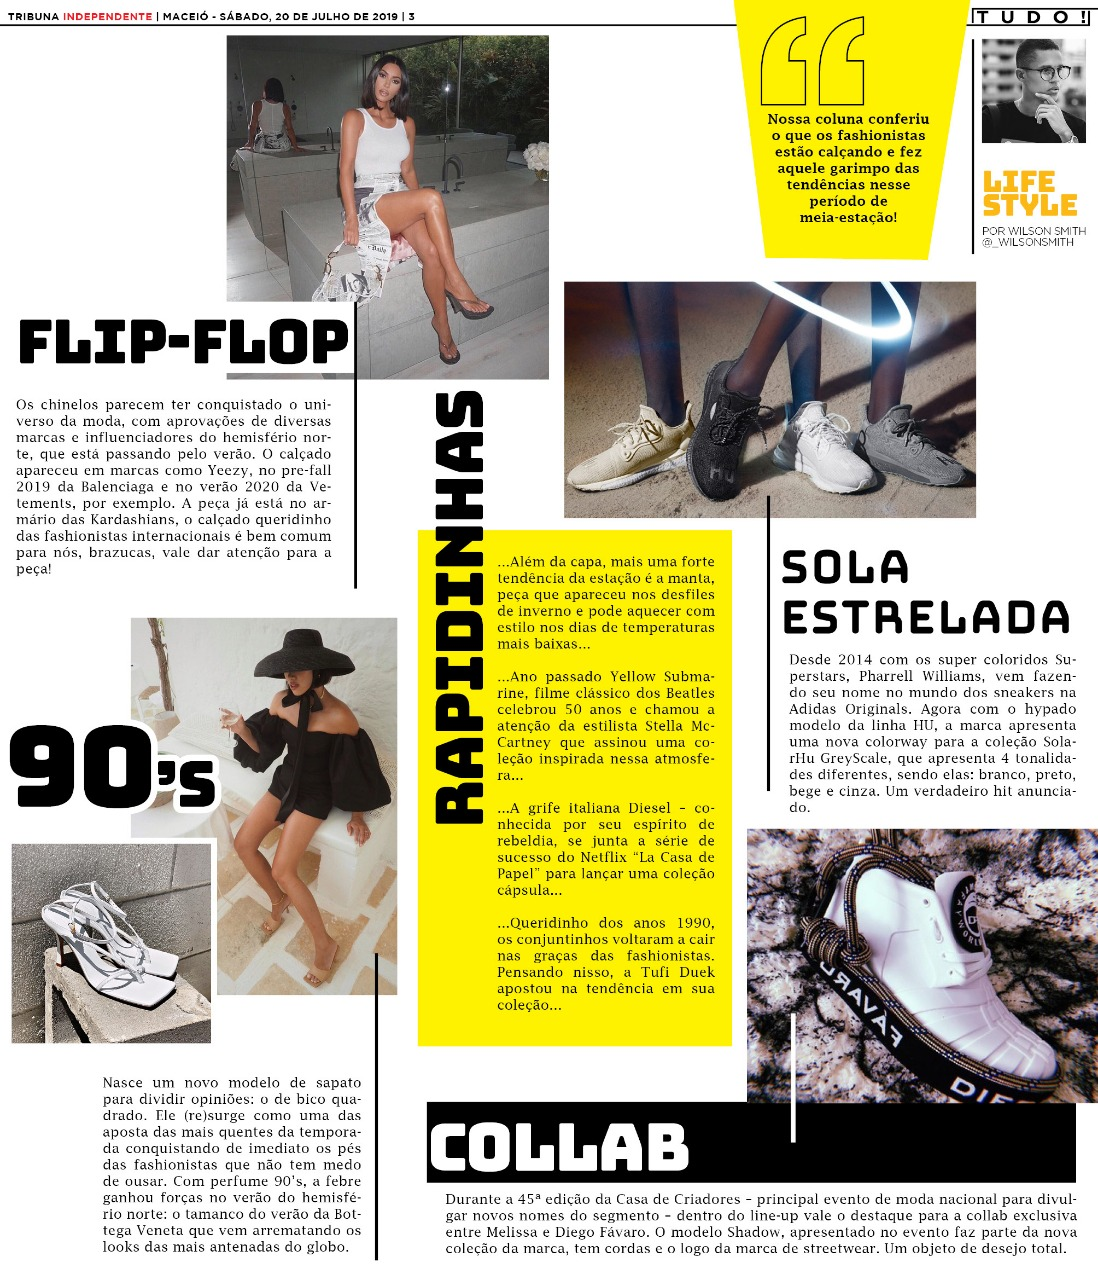 193842cf74 Nossa coluna conferiu o que os fashionistas estão calçando e fez aquele  garimpo das tendências nesse período de meia-estação!